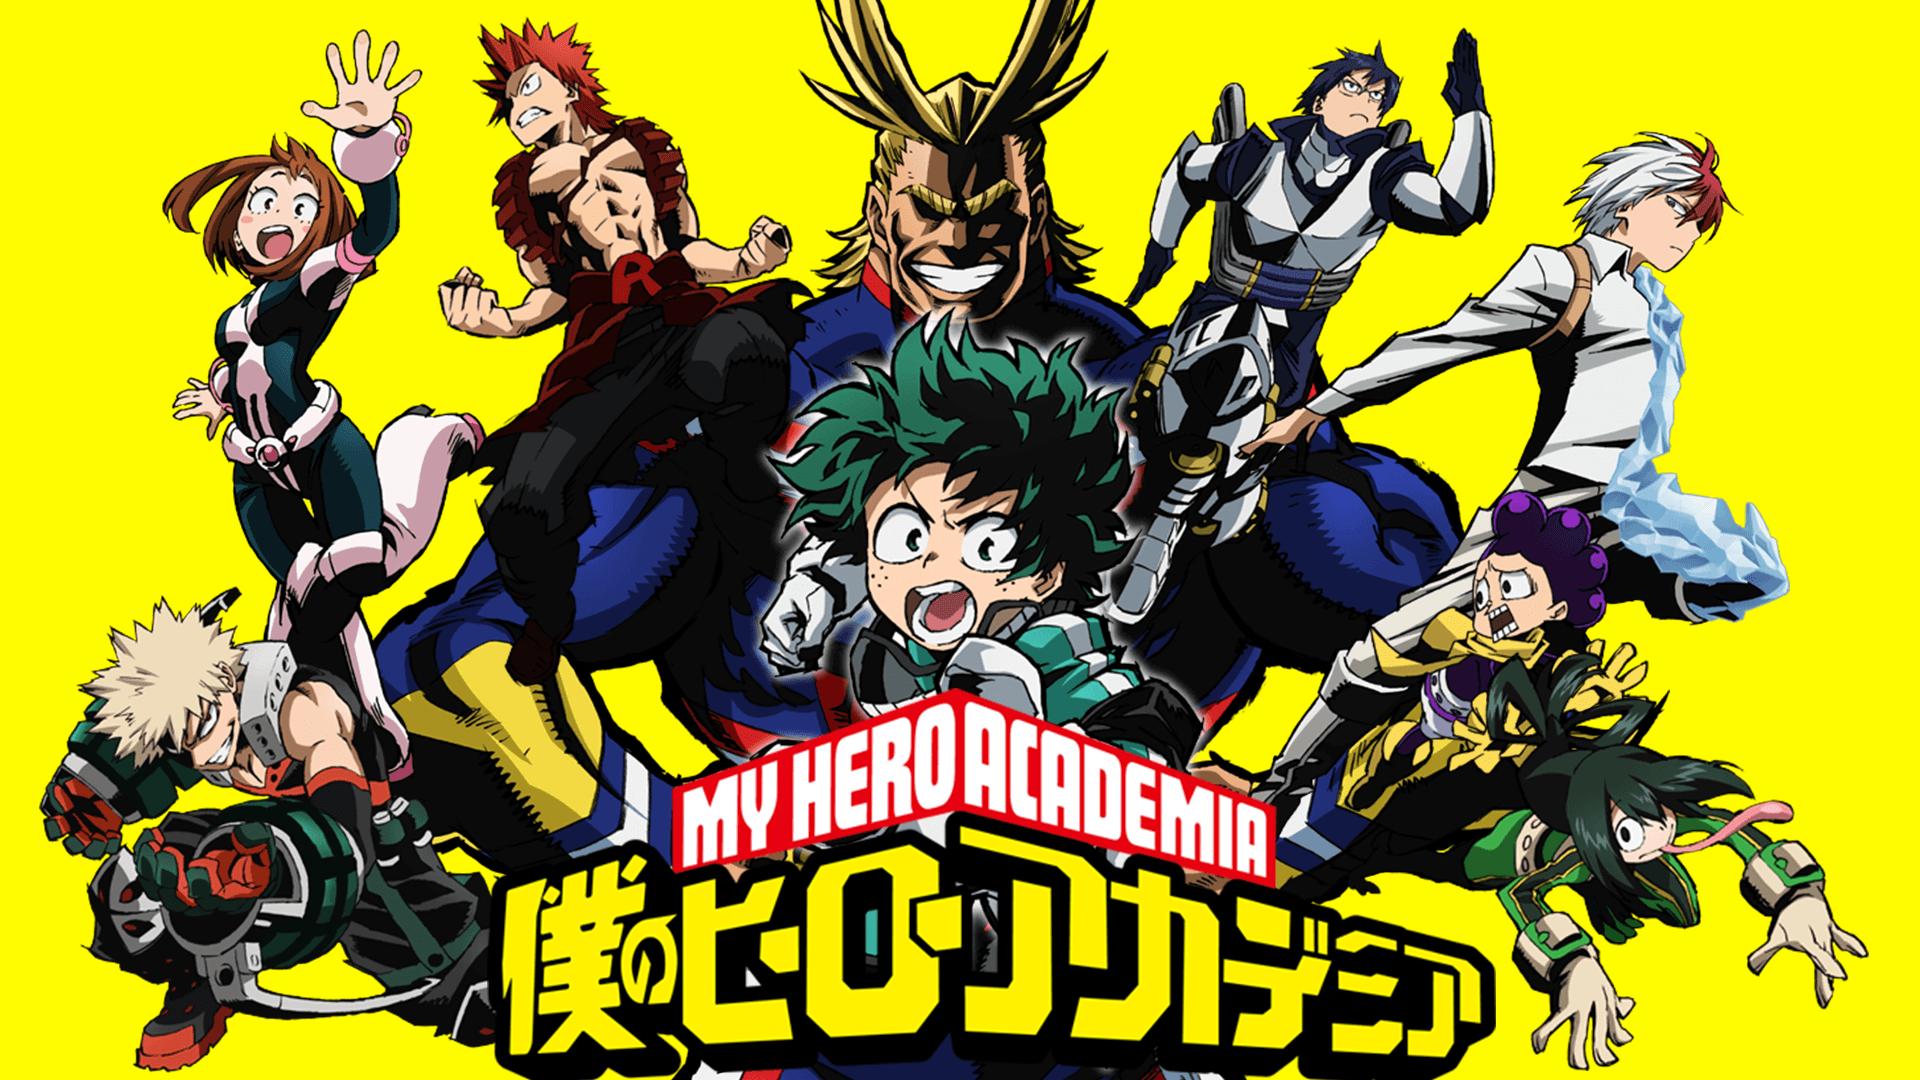 anime about heroes like Demon SLayer, My Hero Academia